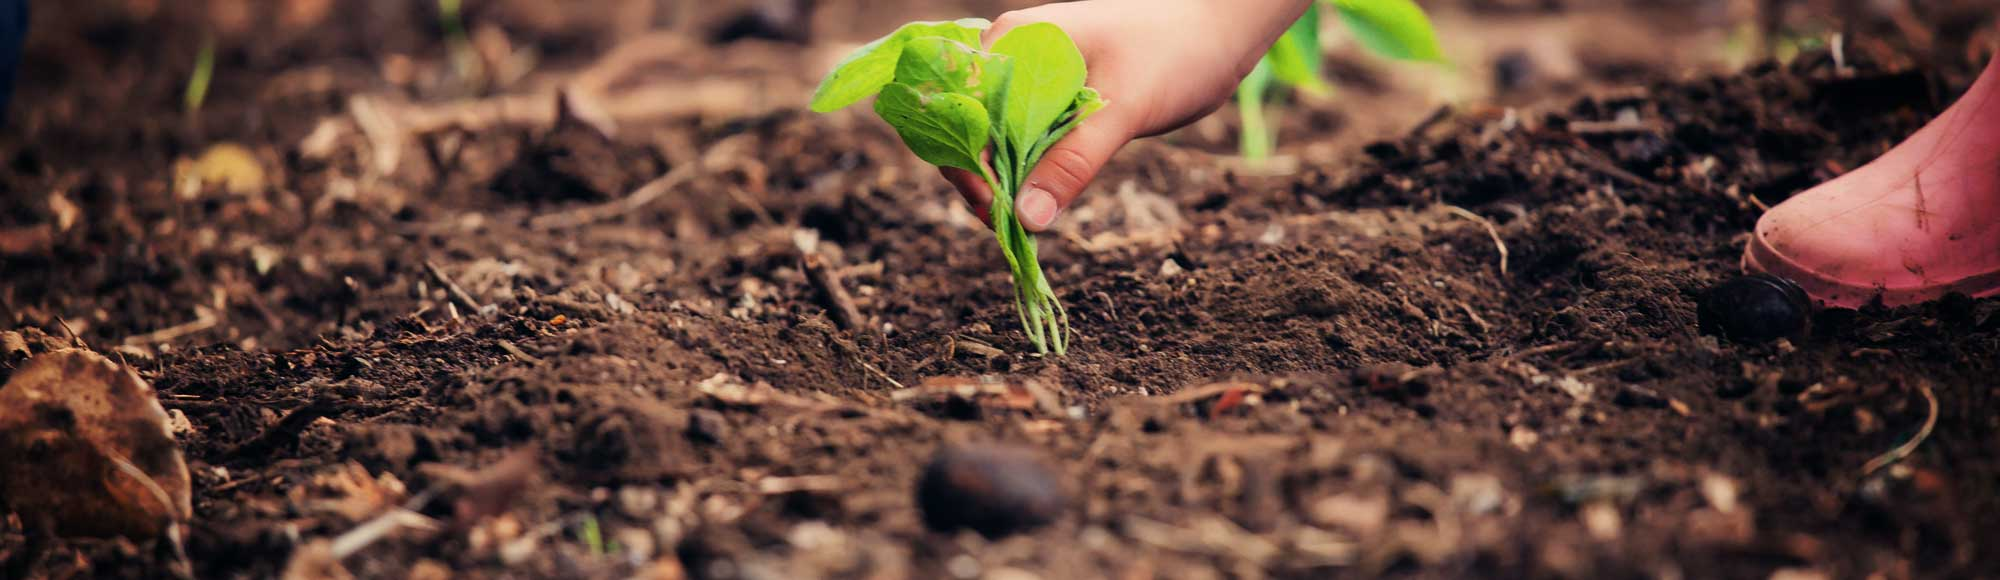 Bild einer Pflanze